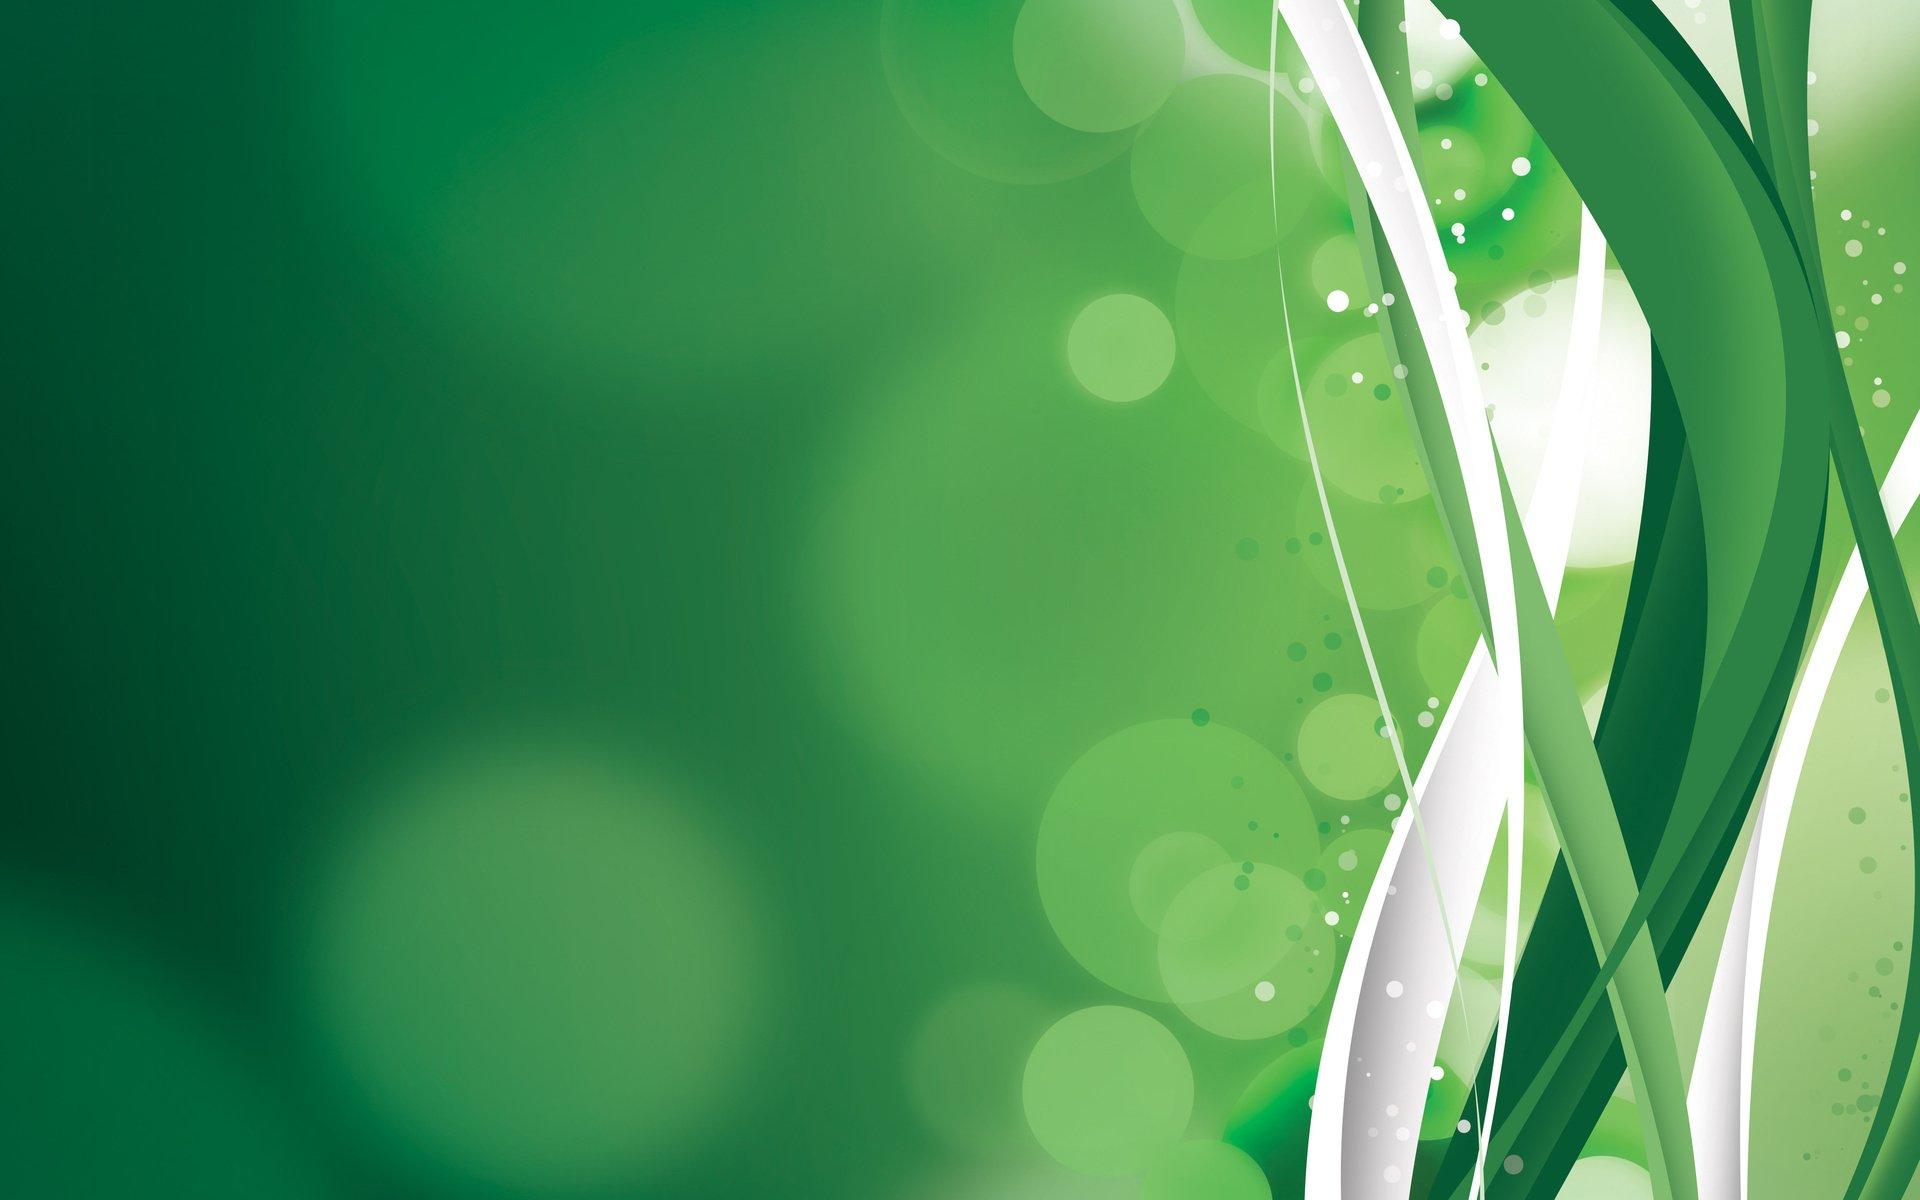 Зеленый фон для поздравления 51